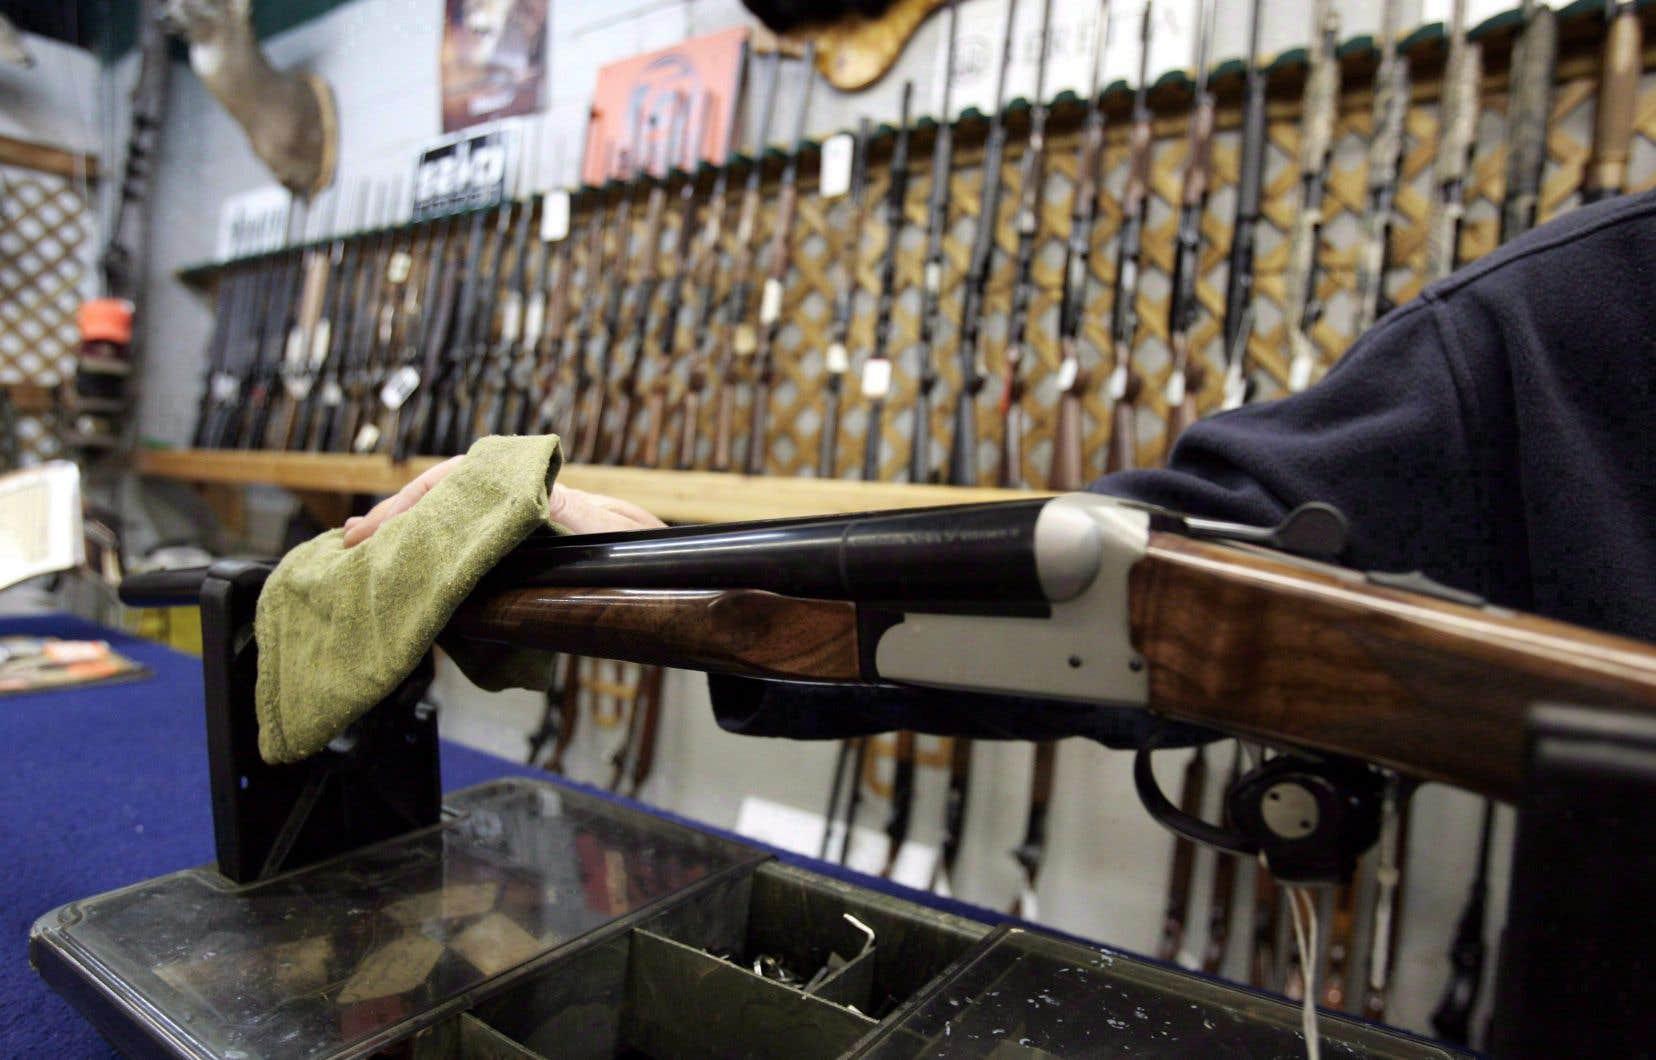 Jusqu'à maintenant, Québec a réussi à convaincre les propriétaires d'armes à feu d'enregistrer 401000 de leurs possessions dans ce registre, a indiqué le ministère au «Devoir» cette semaine. C'est un quart à peine du 1,6million d'armes à feu détenues actuellement par des Québécois.